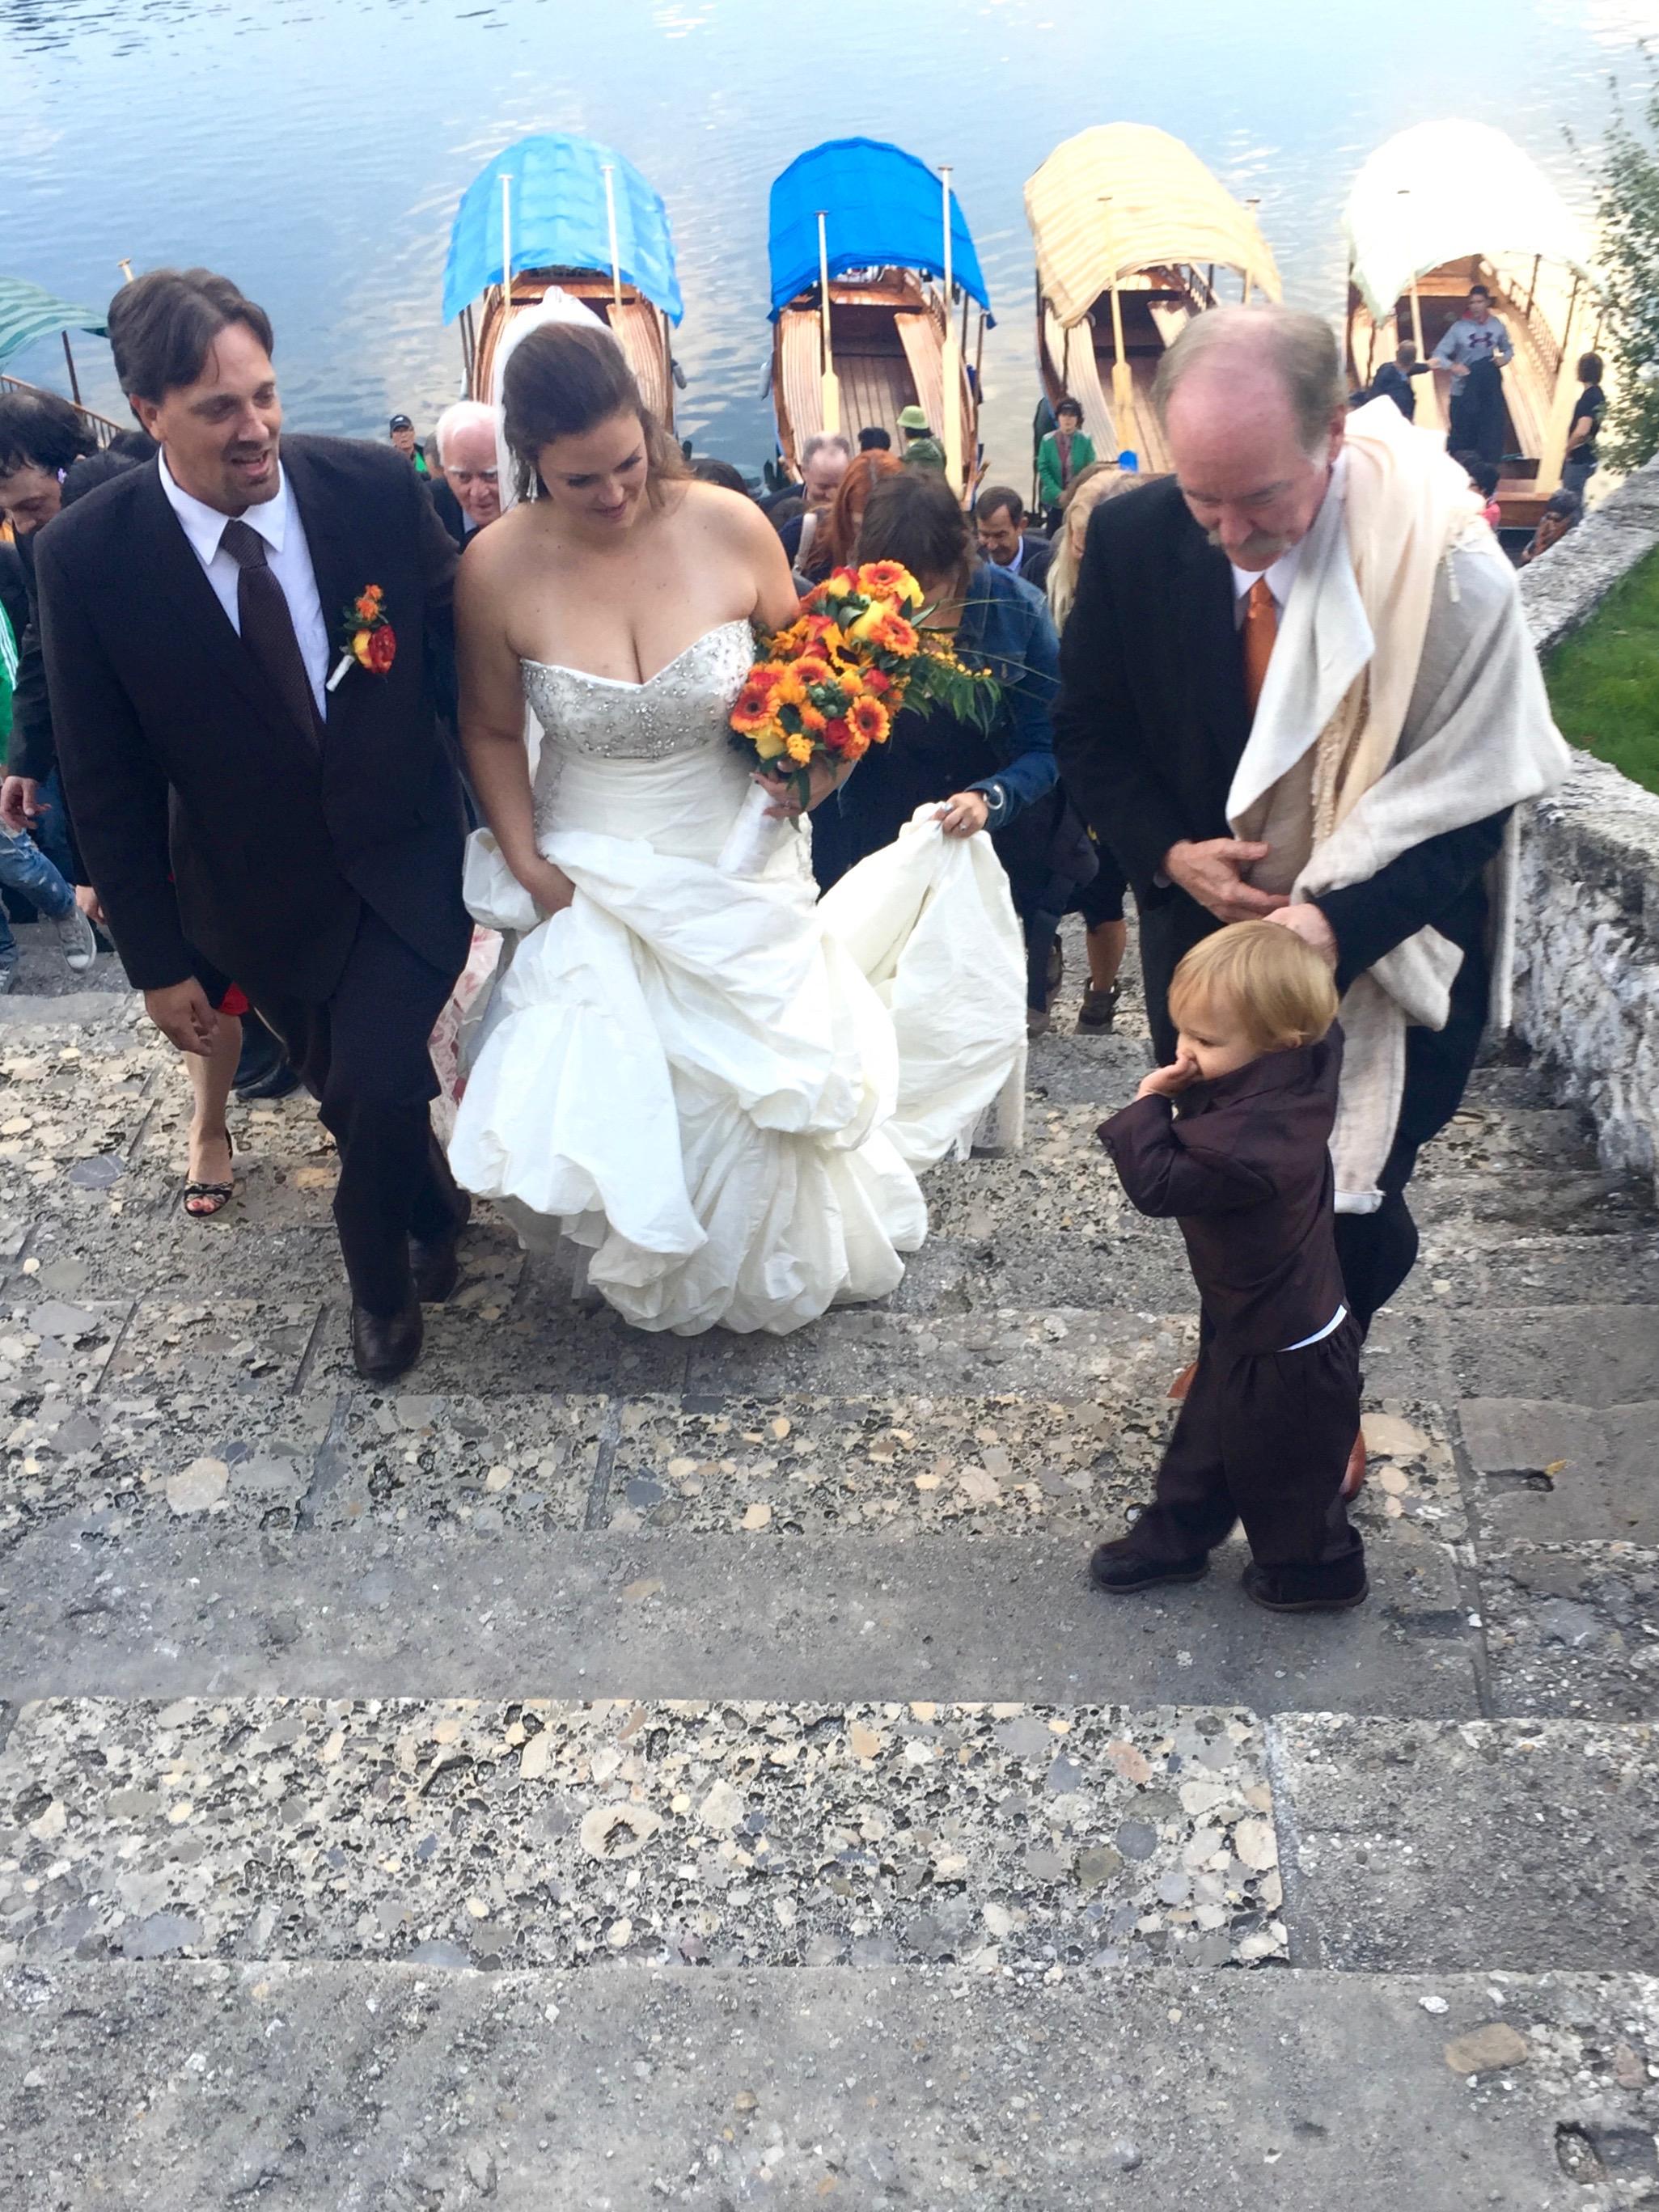 Wedding at Bled